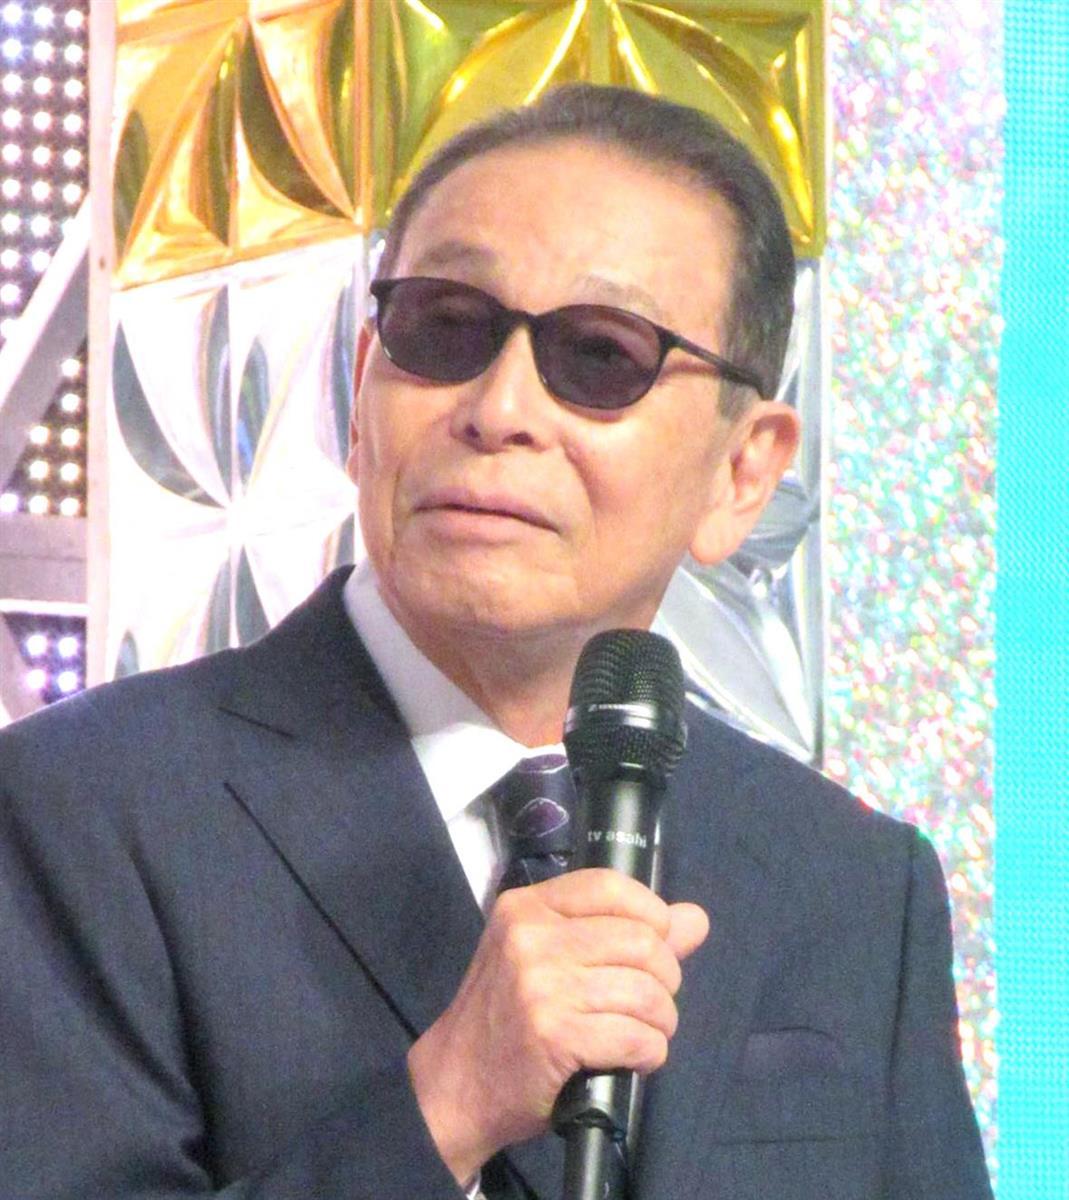 タモリ|タモリ、欅坂46新グループ名に… 写真1/1|SANSPO.COM(サンスポ)